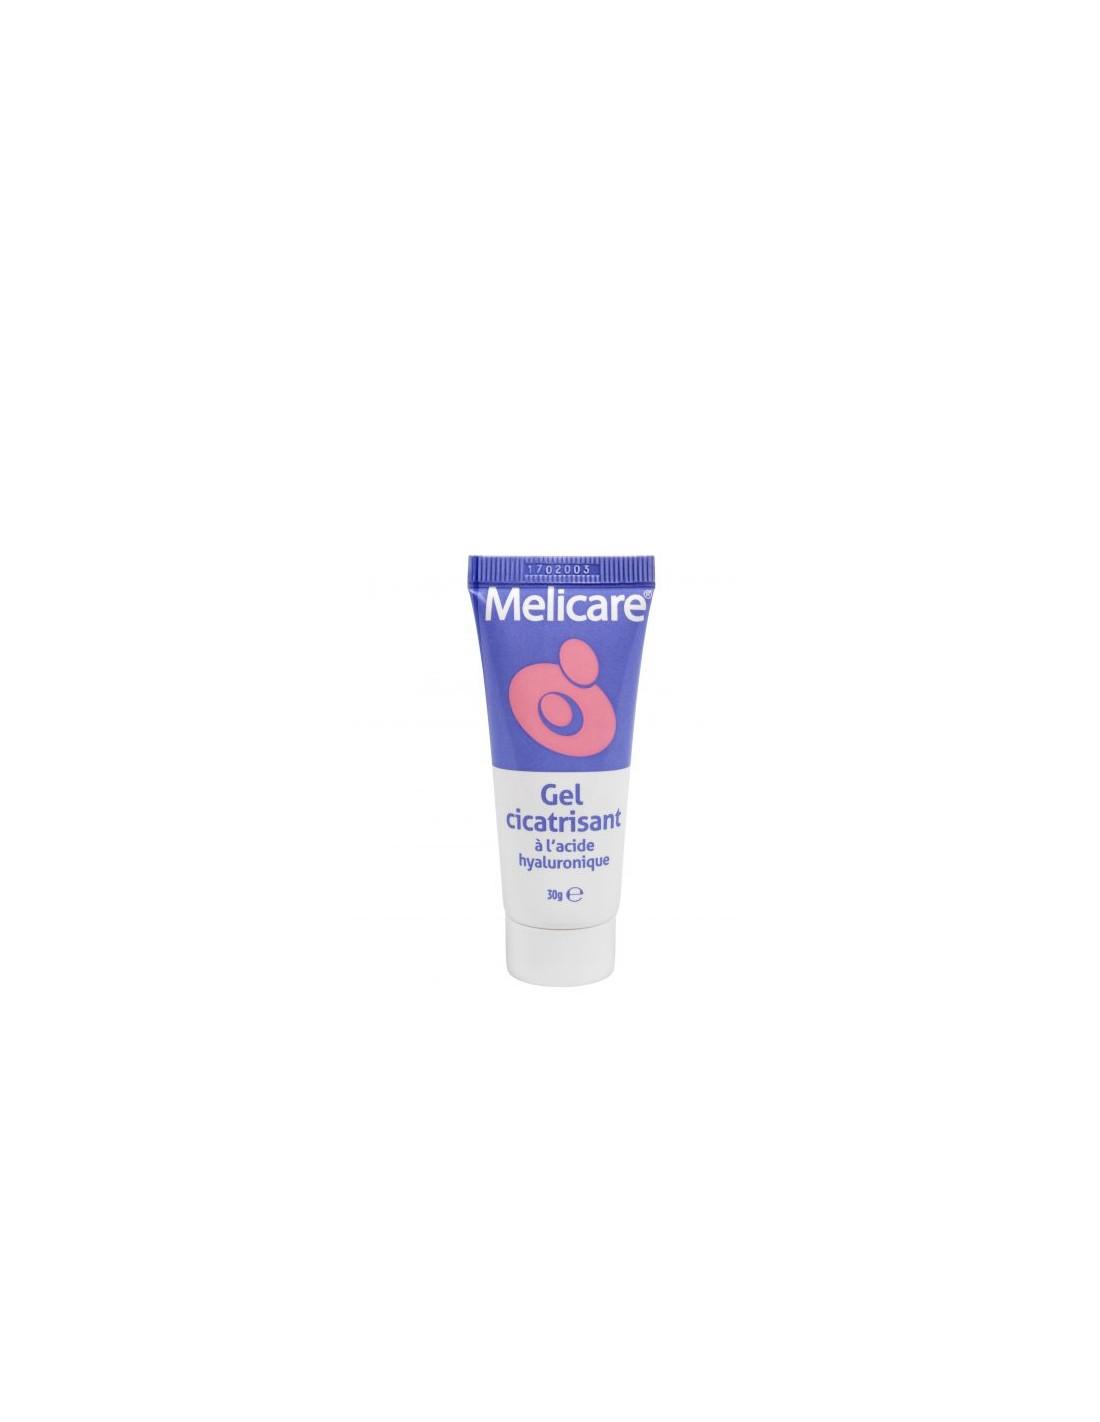 Gel cicatrisant à l'acide hyaluronique Melicare 30g